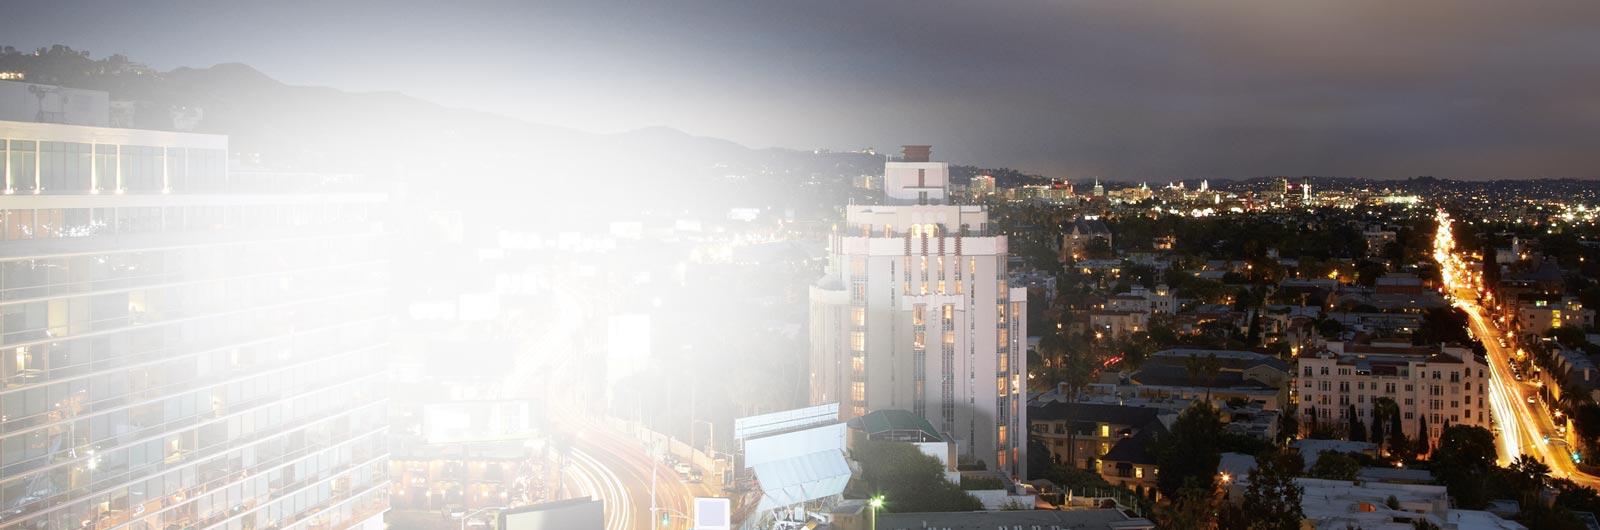 Pemandangan malam hari kota besar. Baca kisah pelanggan dari seluruh dunia.